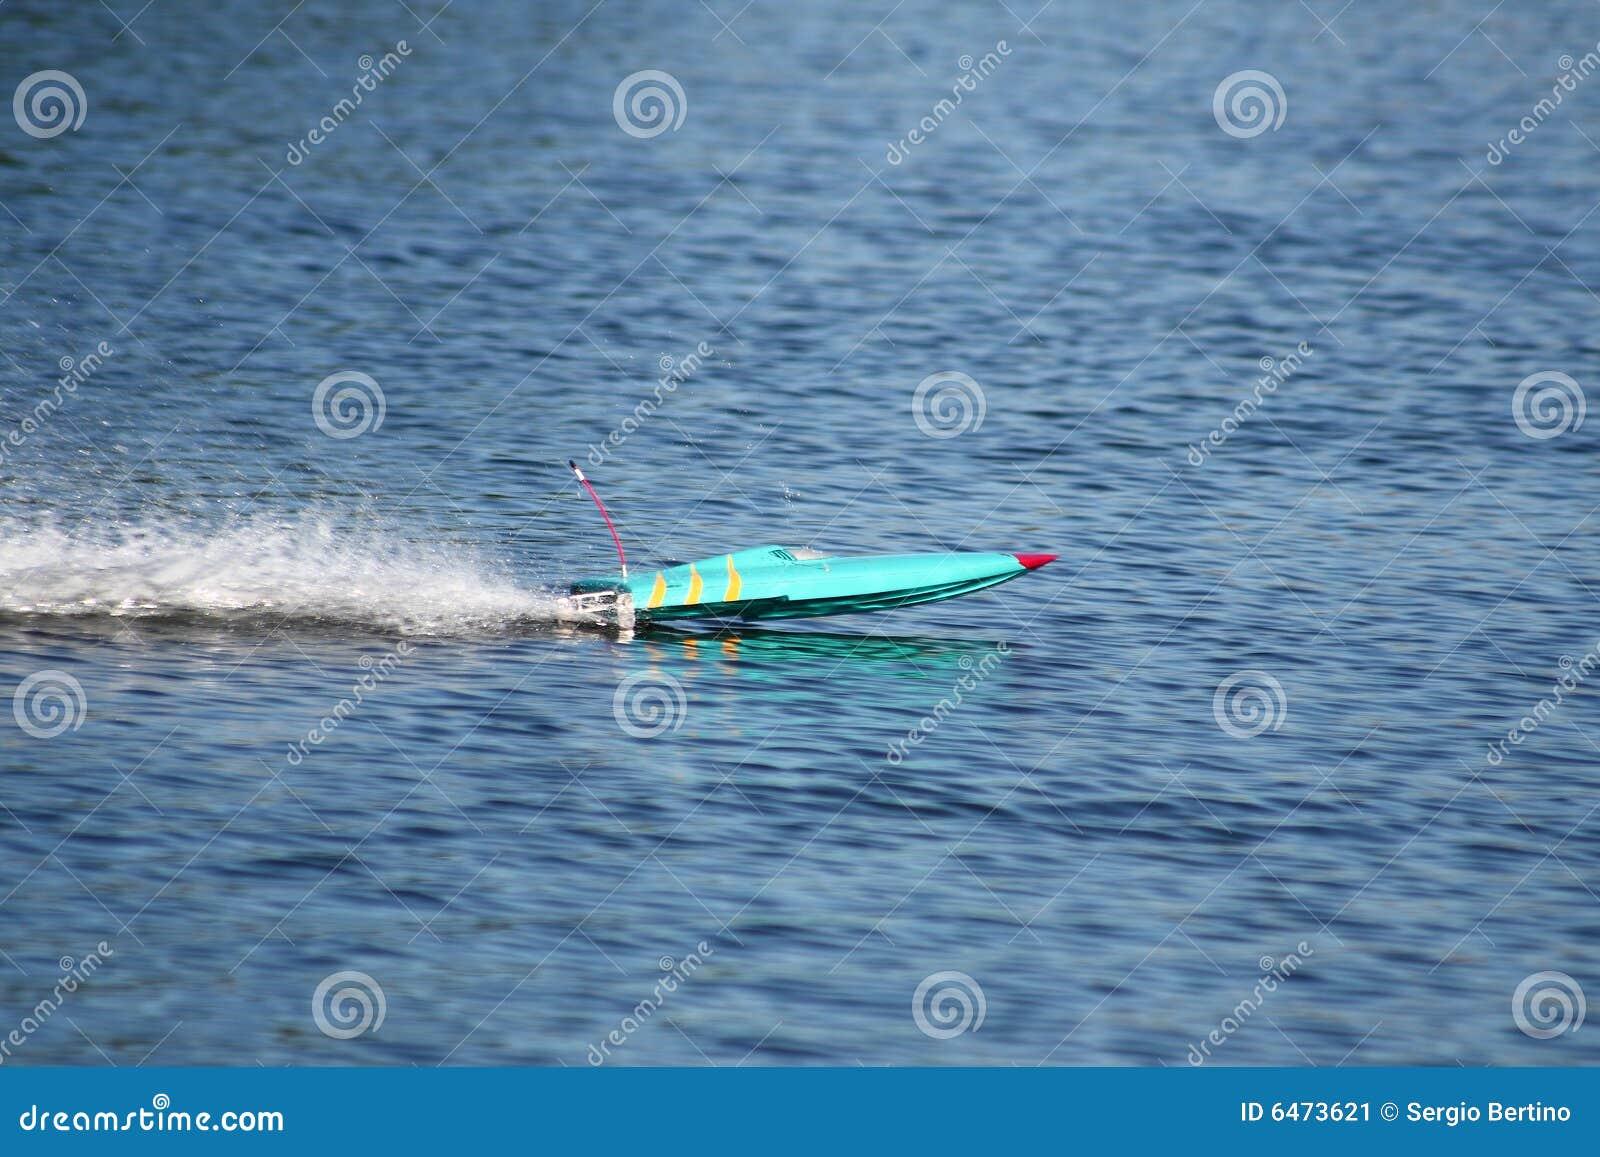 Radio łódź kontrolowana wody.